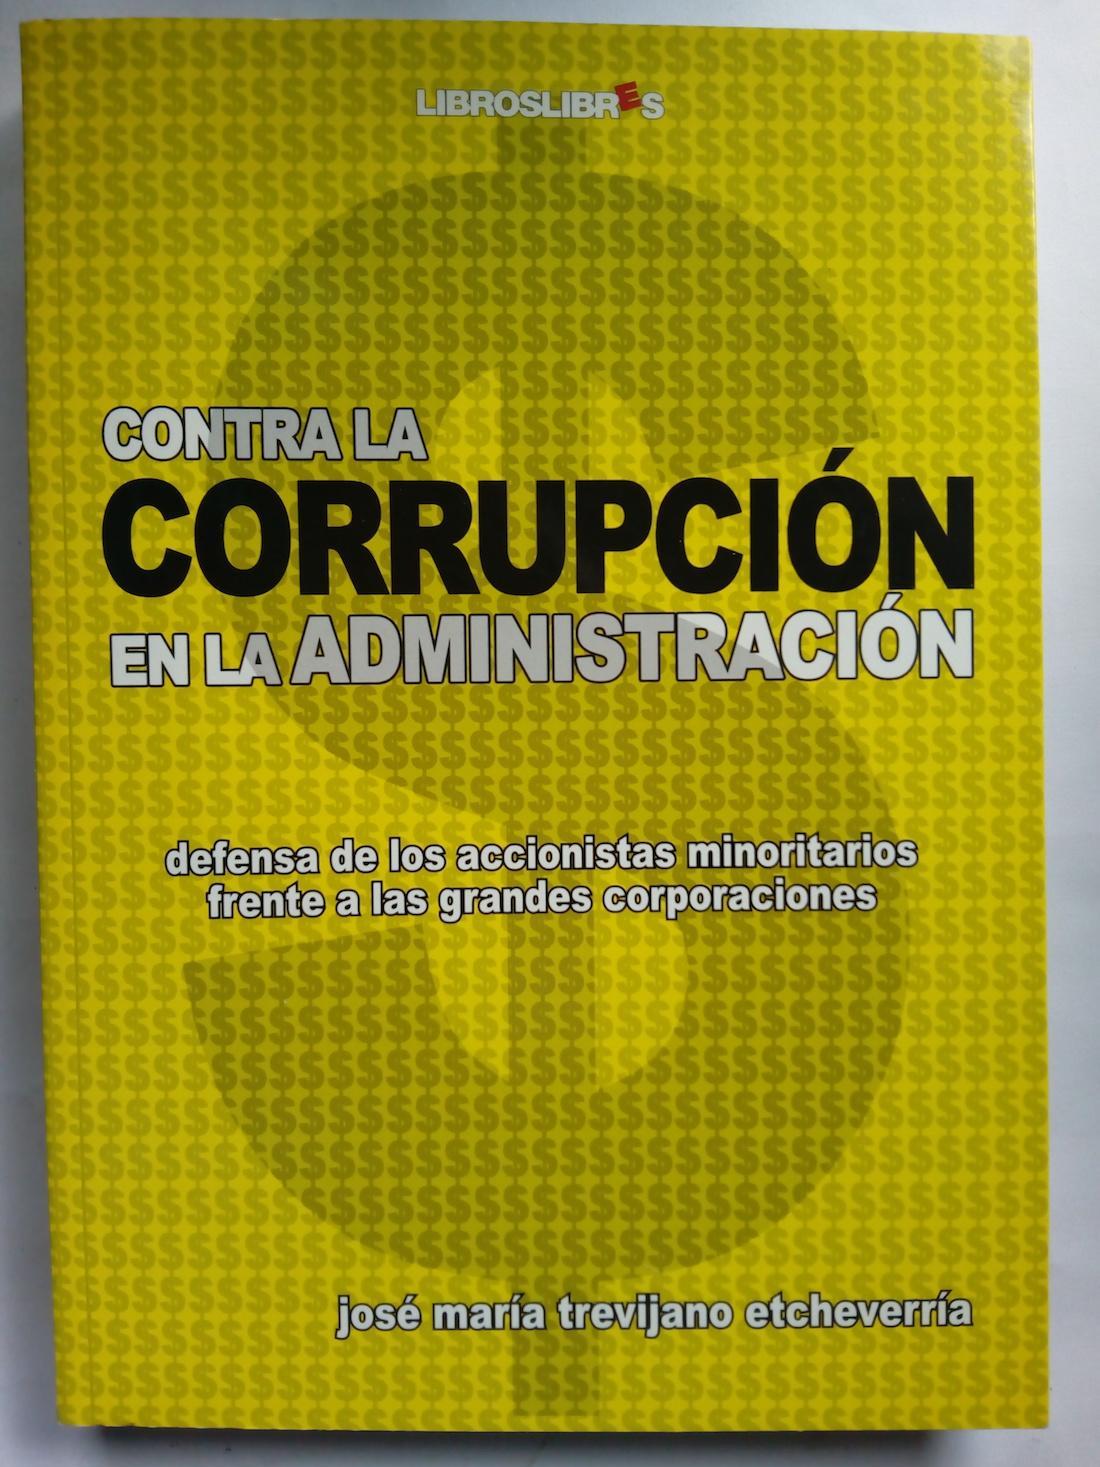 Contra la corrupción en la administración. Defensa de los accionistas minoritarios frente a las grandes corporaciones - José María Trevijano Etcheverría